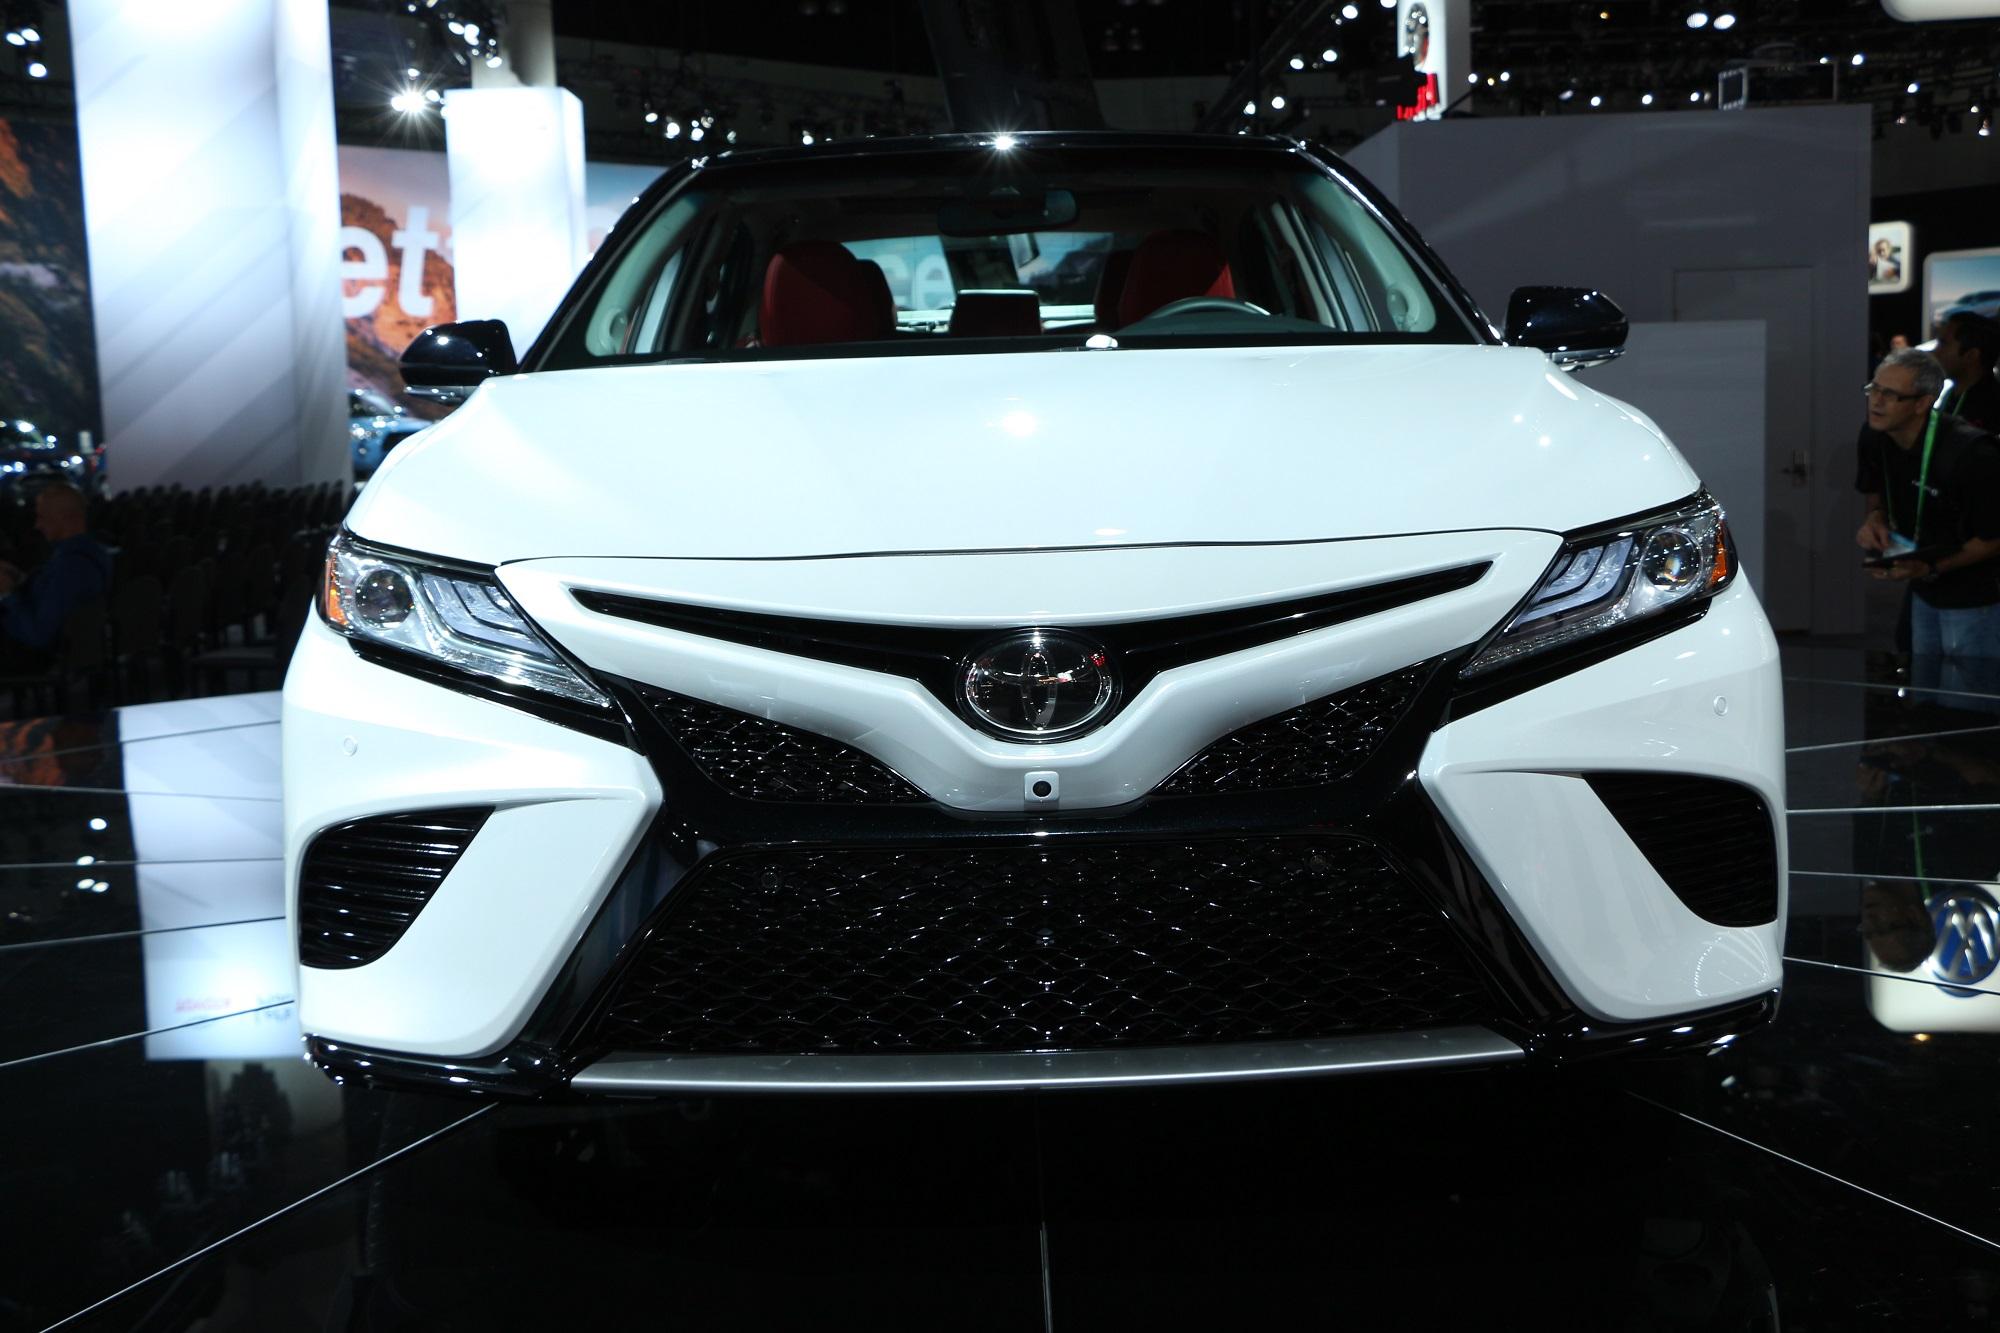 Toyota Iq 2017 Interior >> IMG_3013 - ScionLife.com